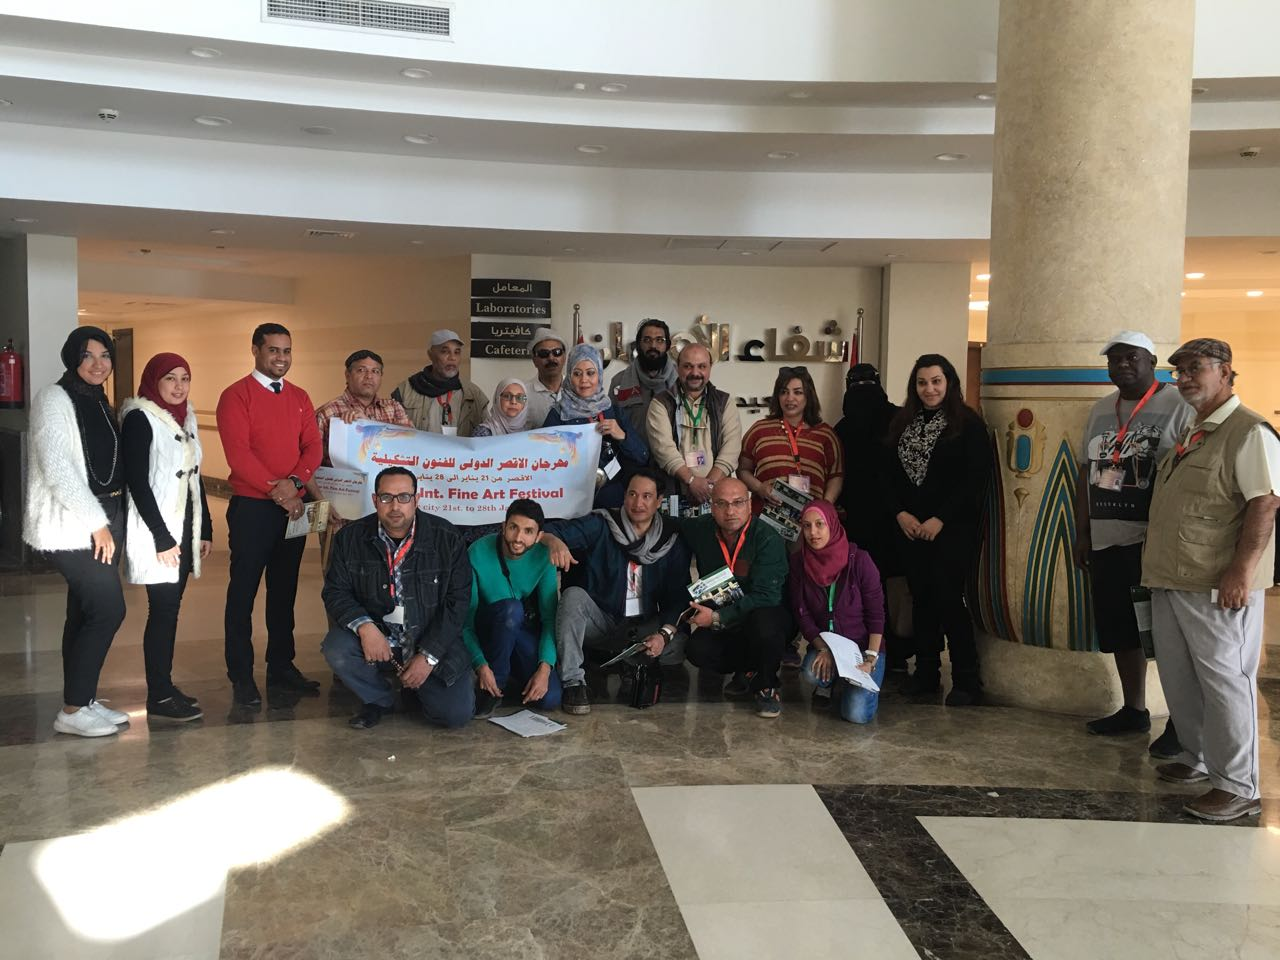 1- زيارة 29 فنان من مصر و16 دولة لمستشفي اورام الاقصر